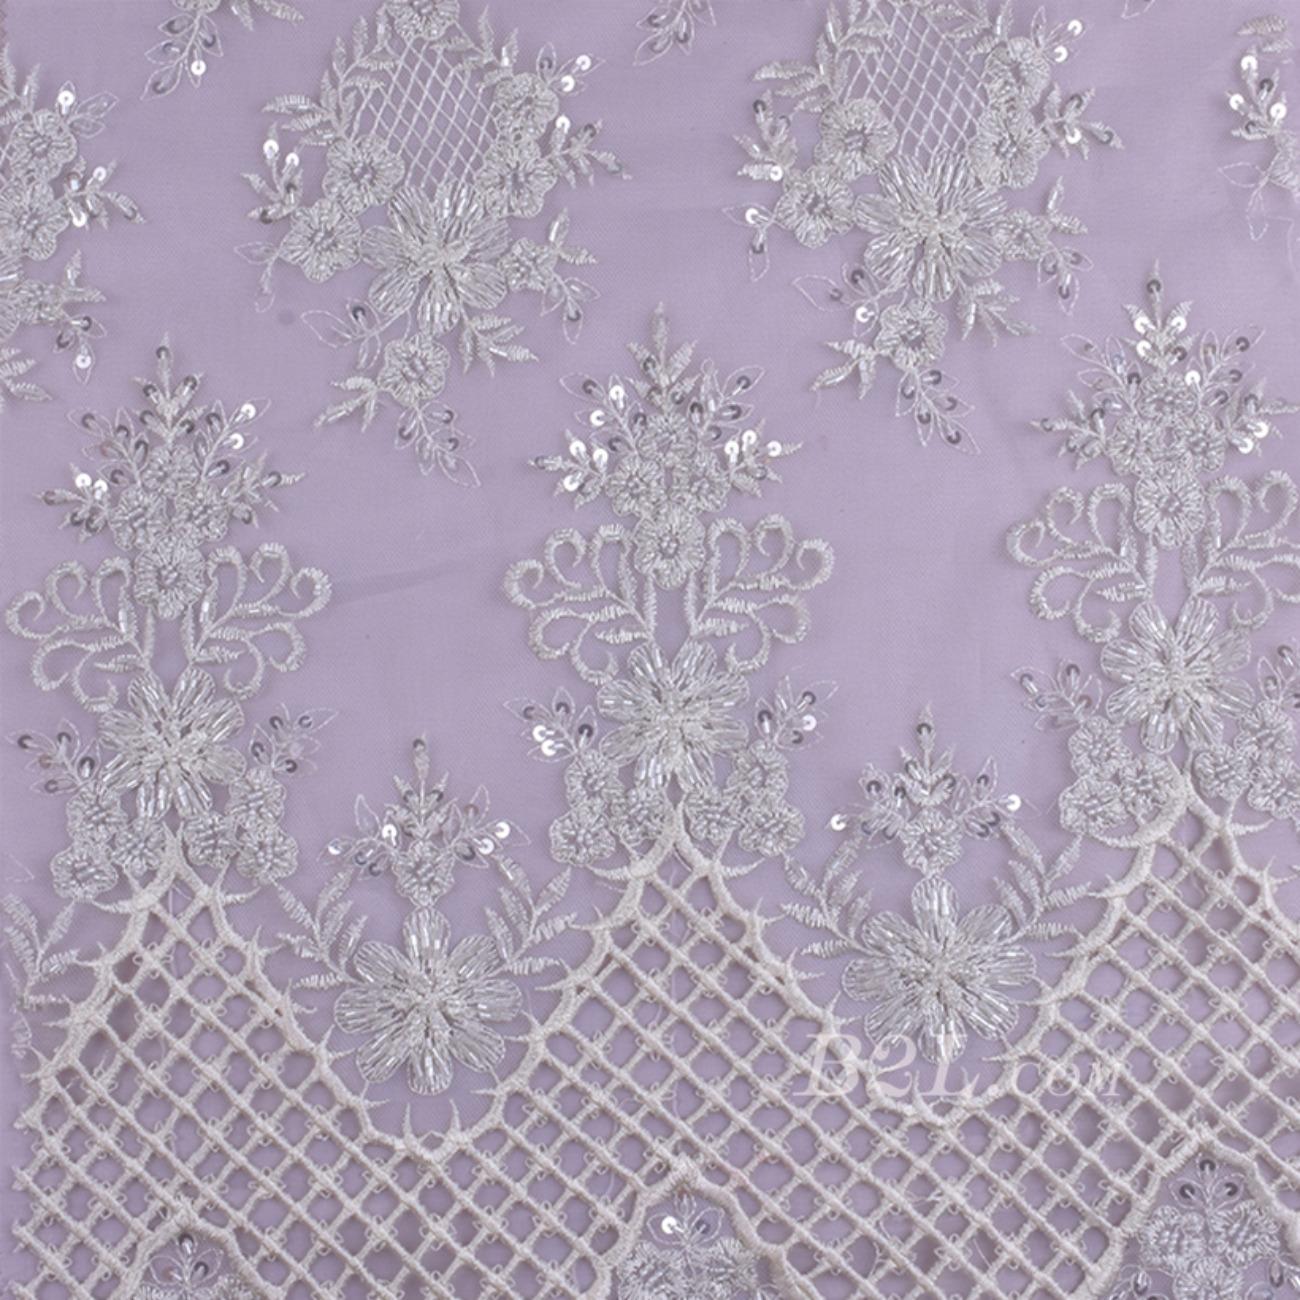 绣花 珠片绣花 花朵 礼服 婚纱 期货经编机 染色 刺绣 手工 低弹  薄 纱感 60916-12